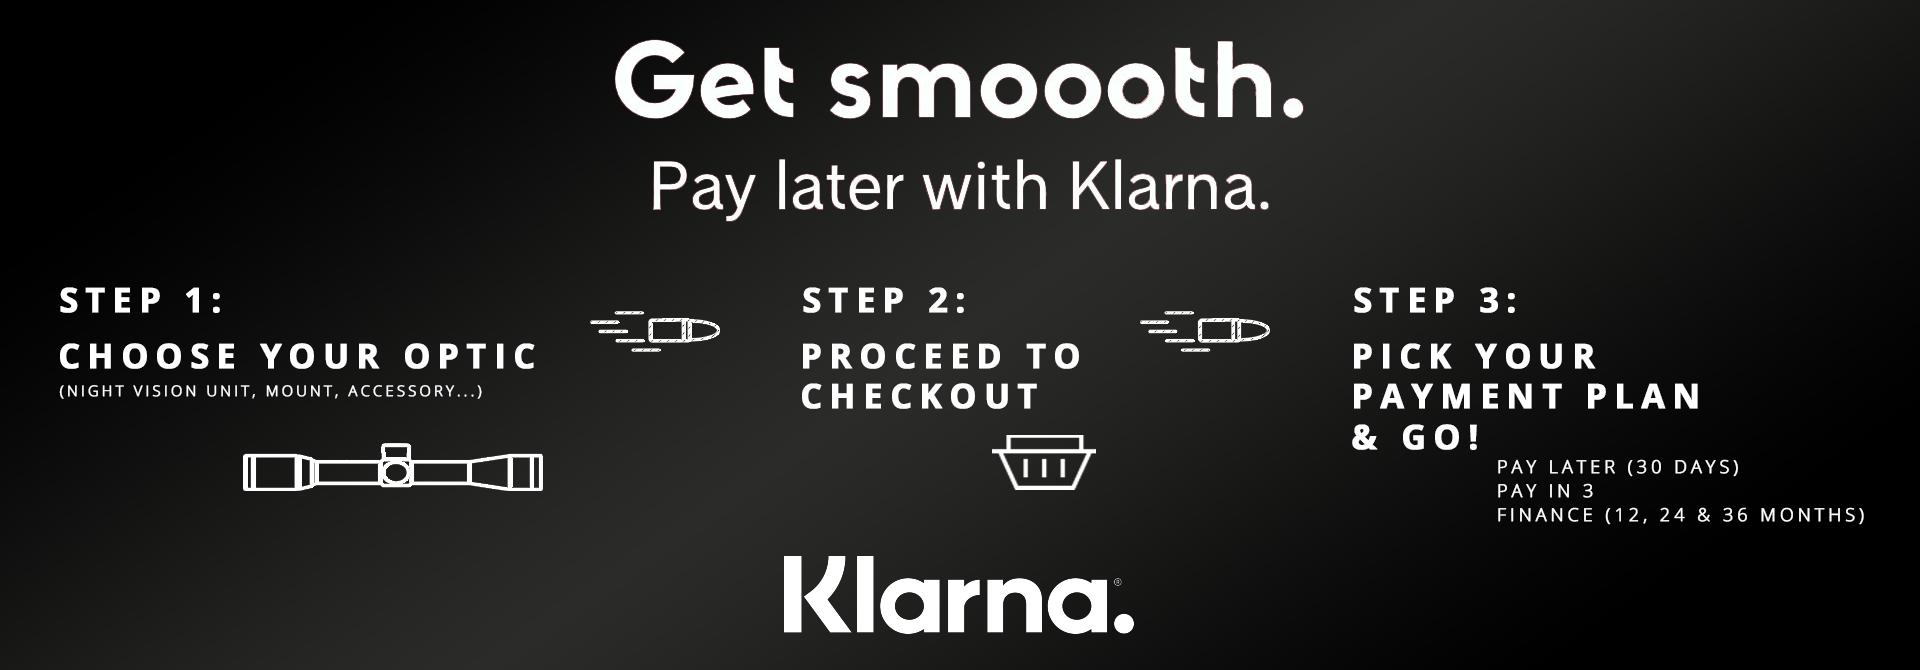 KLARNA